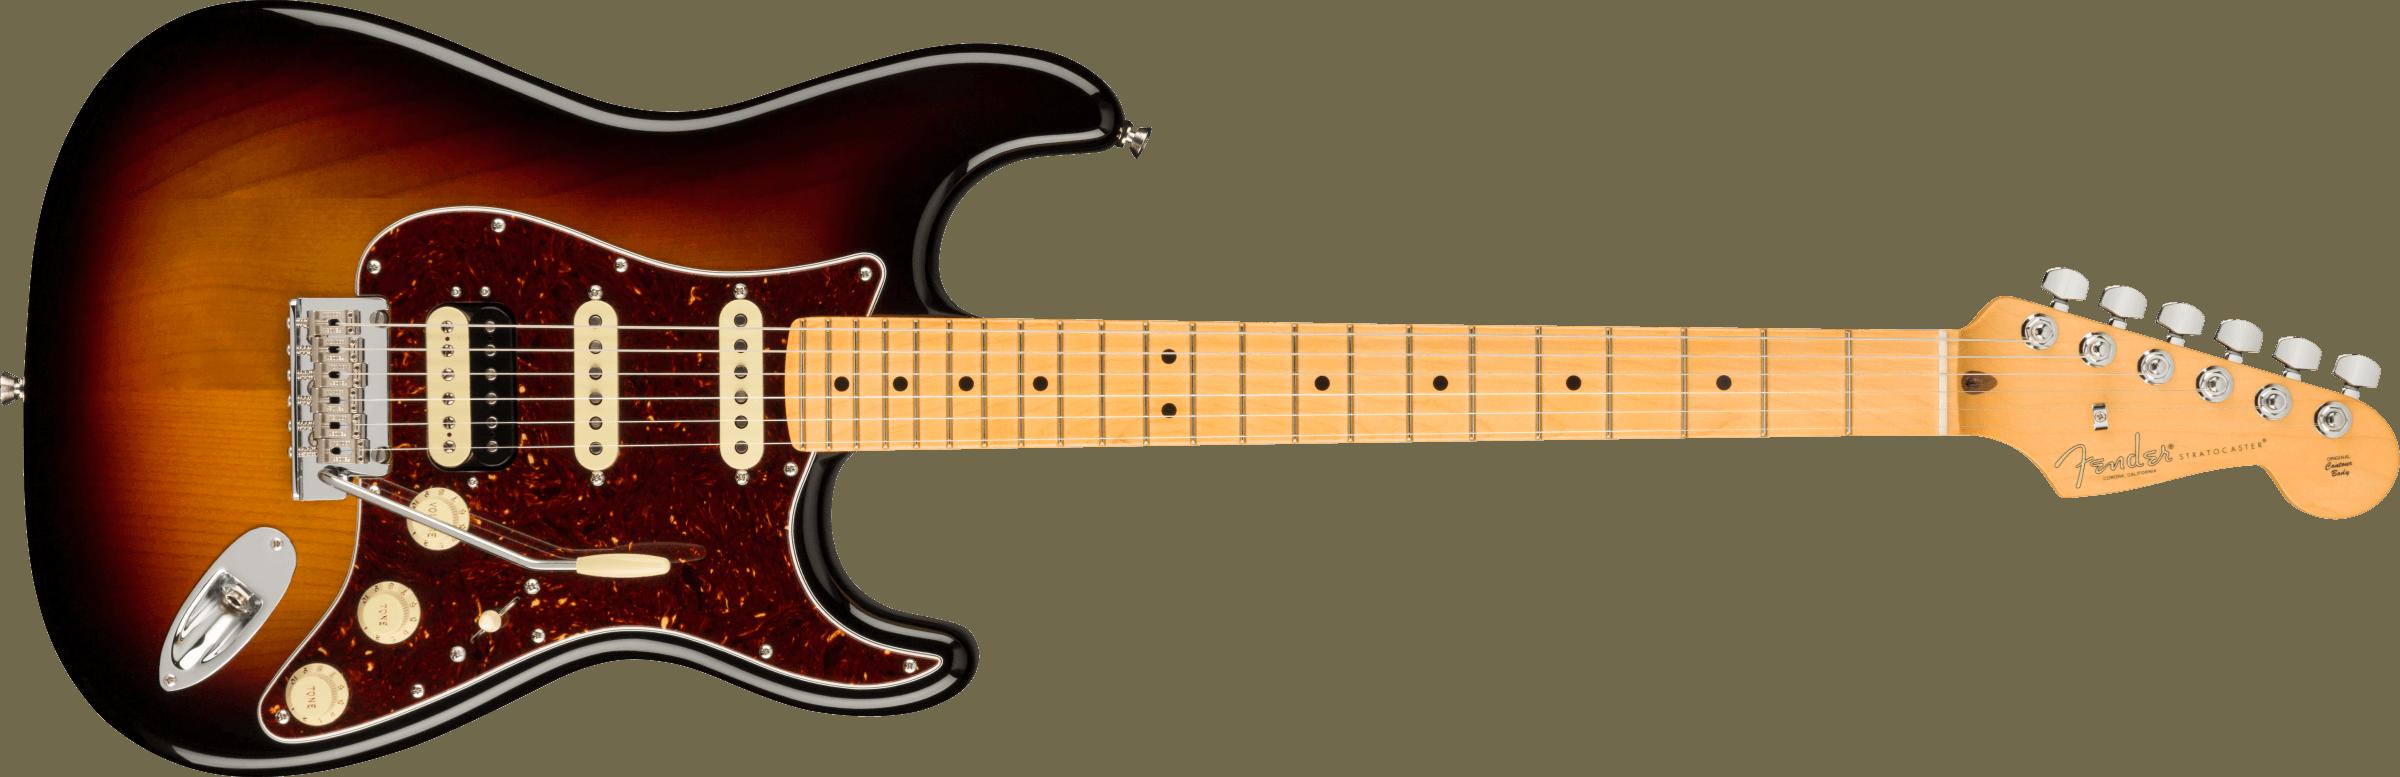 FENDER-American-Professional-II-Stratocaster-HSS-Maple-Fingerboard-3-Color-Sunburst-sku-571005532